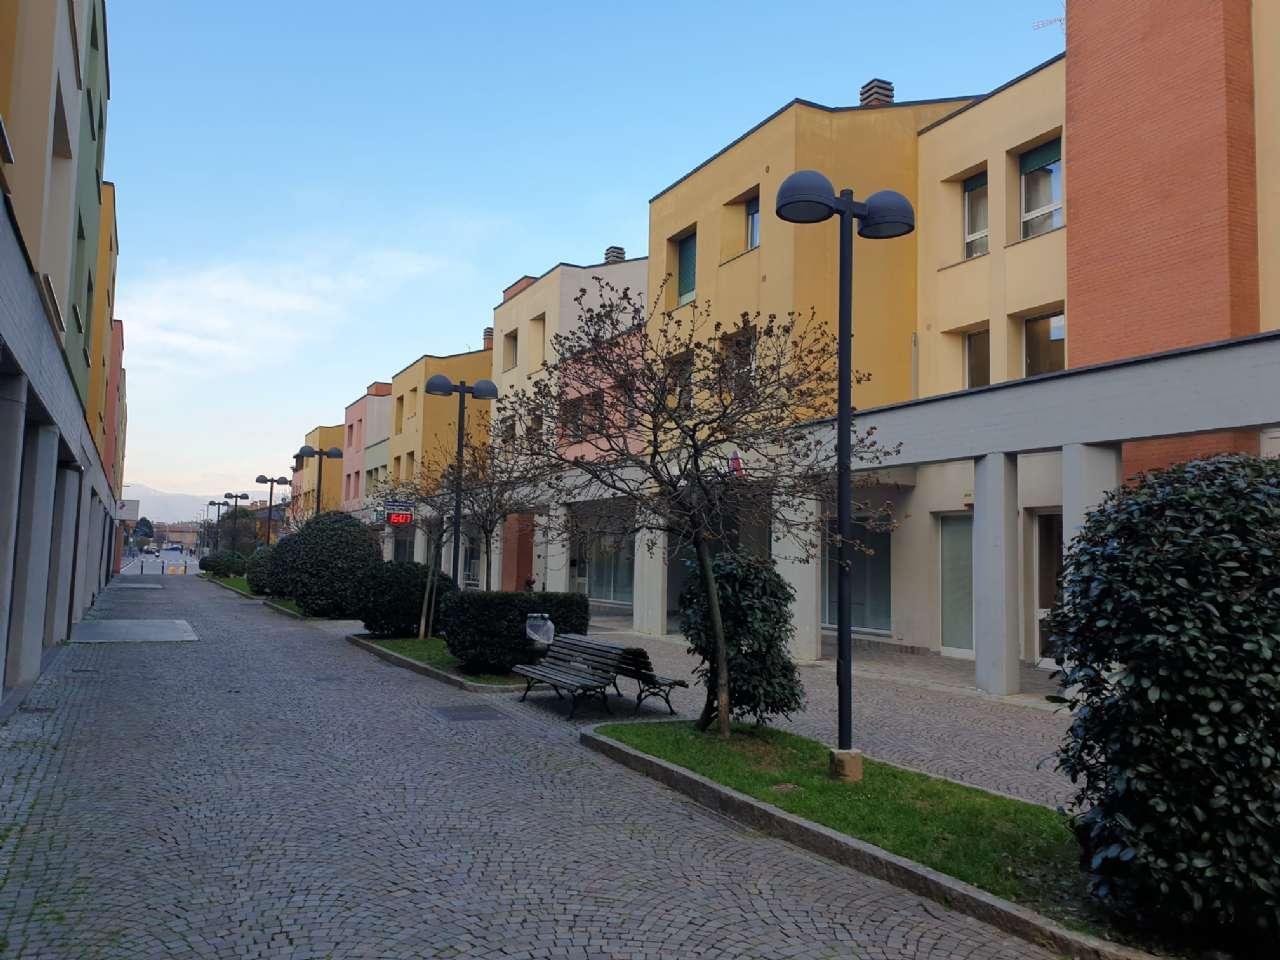 Ufficio / Studio in affitto a Grassobbio, 6 locali, prezzo € 650 | PortaleAgenzieImmobiliari.it